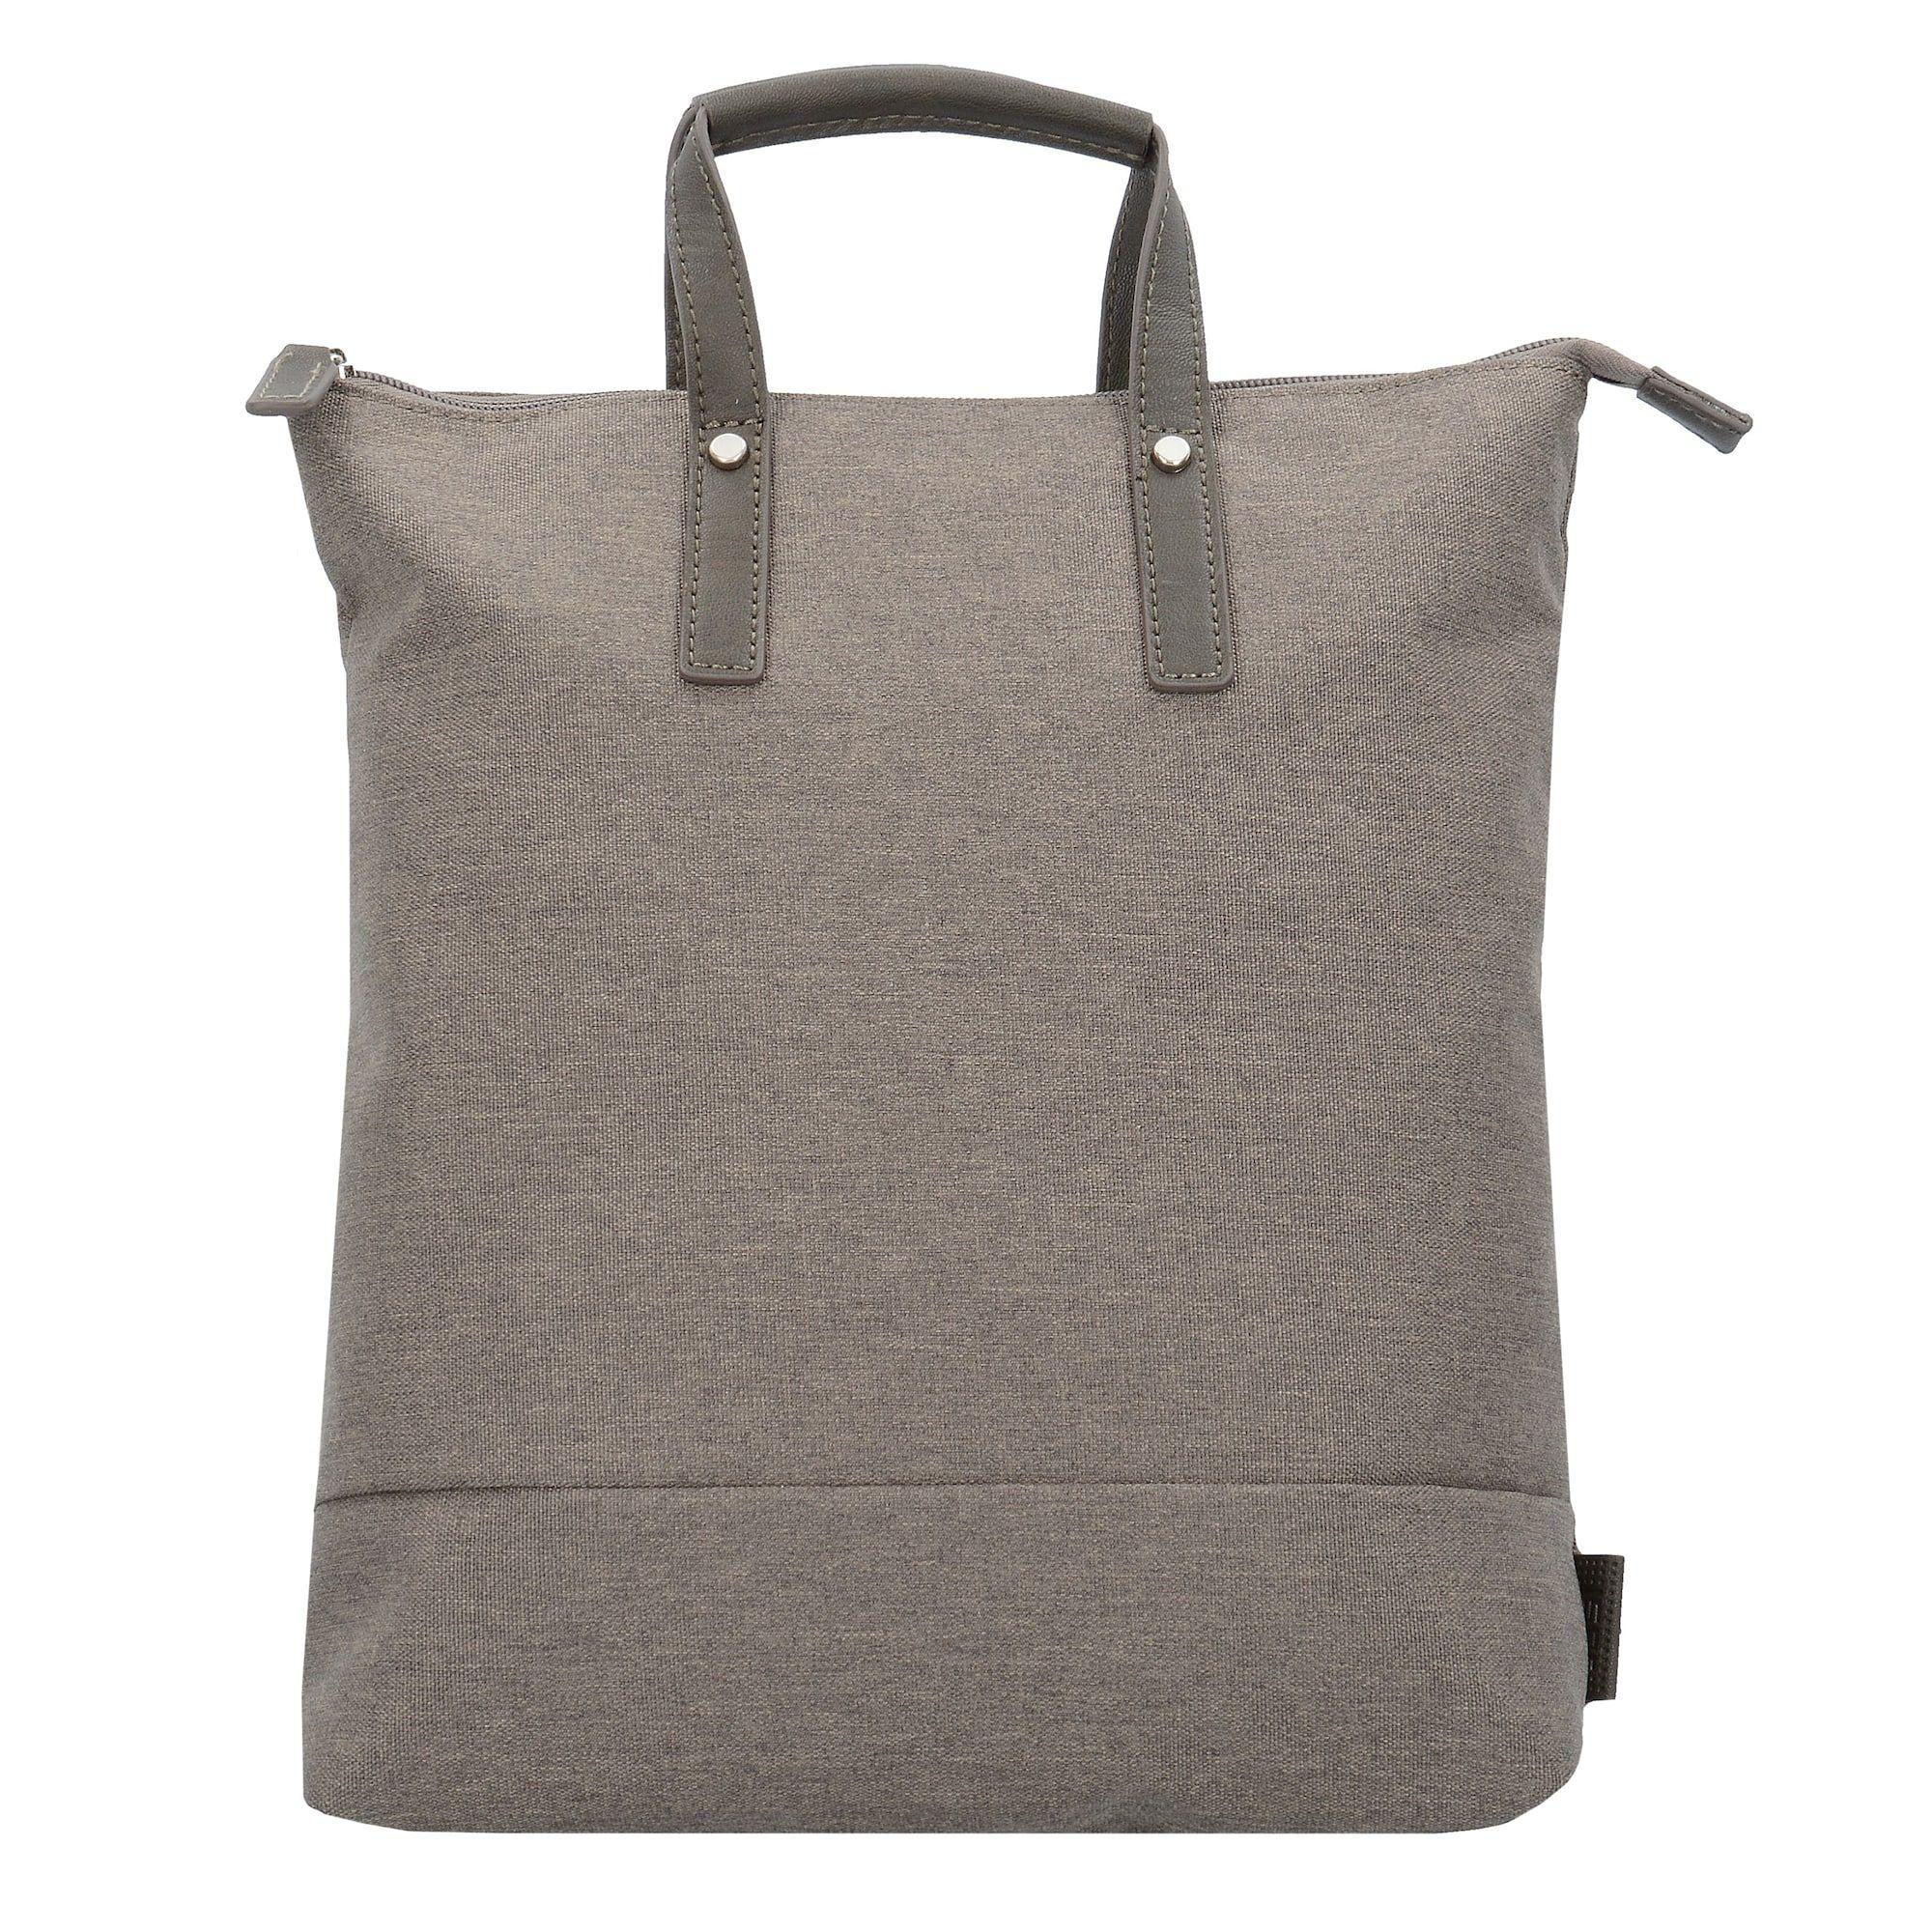 Rucksack ´Bergen X-Change 3in1 Bag XS City´ 32 cm